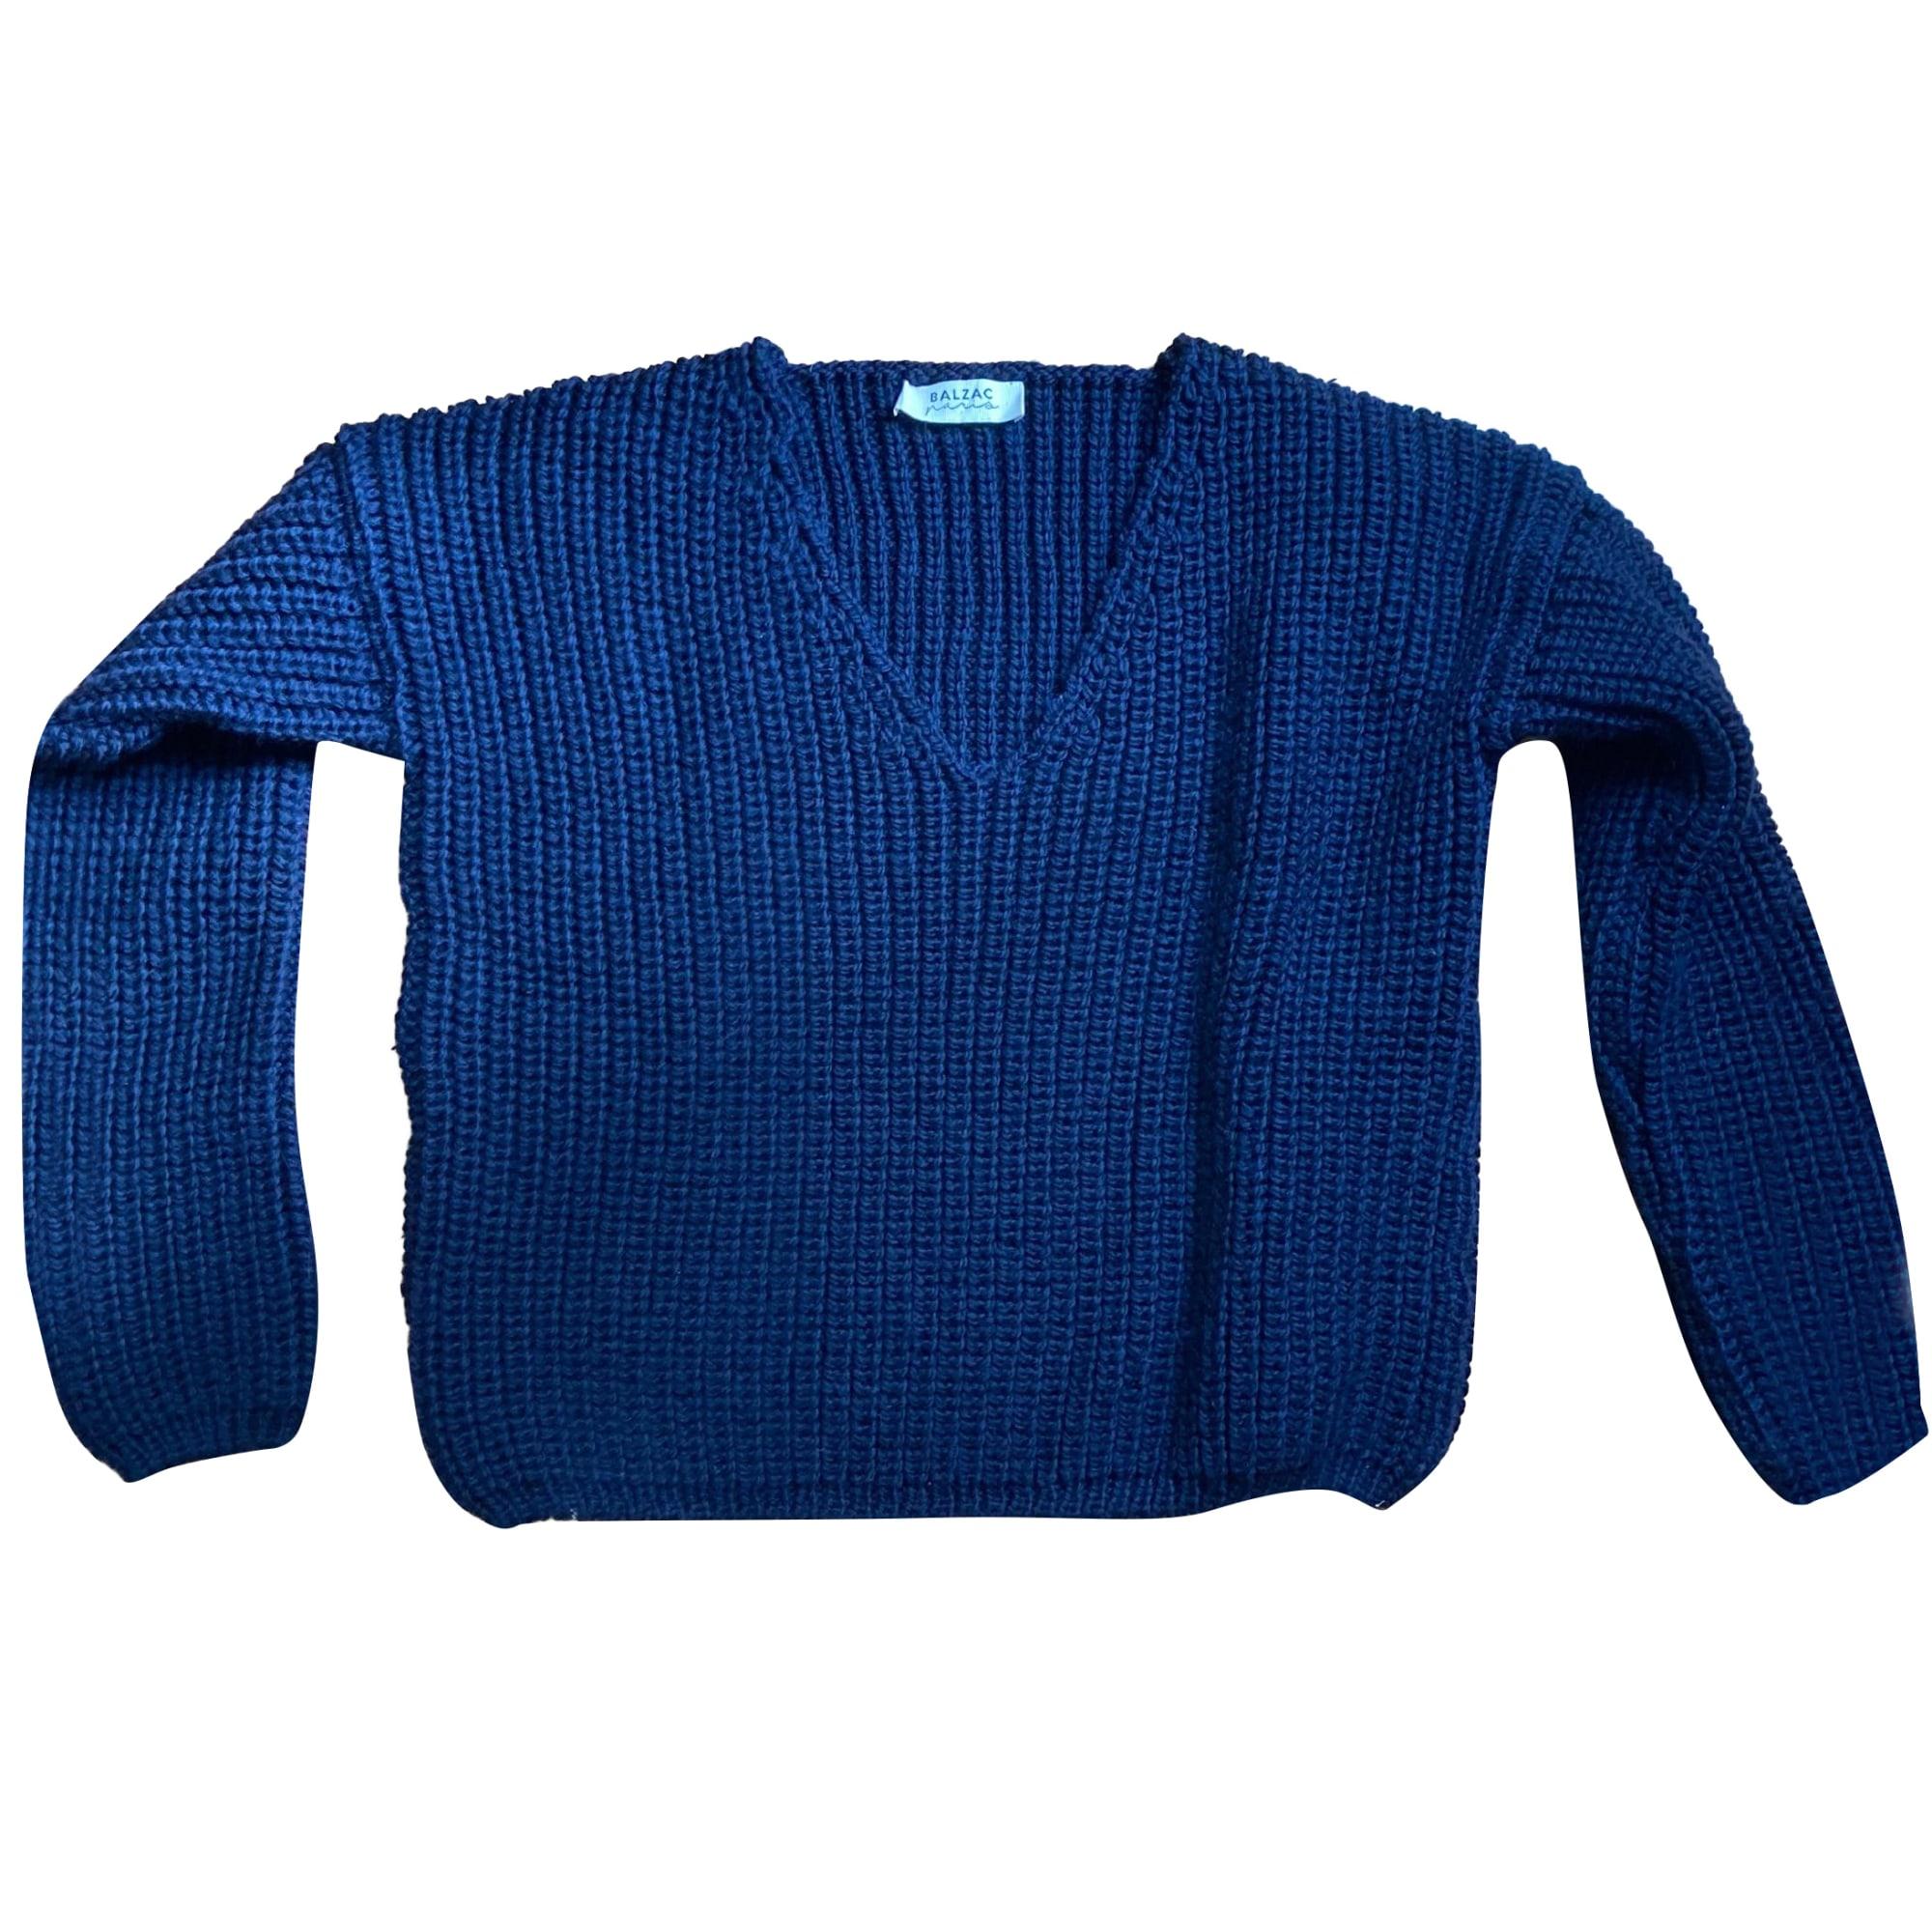 Pull BALZAC PARIS Bleu, bleu marine, bleu turquoise